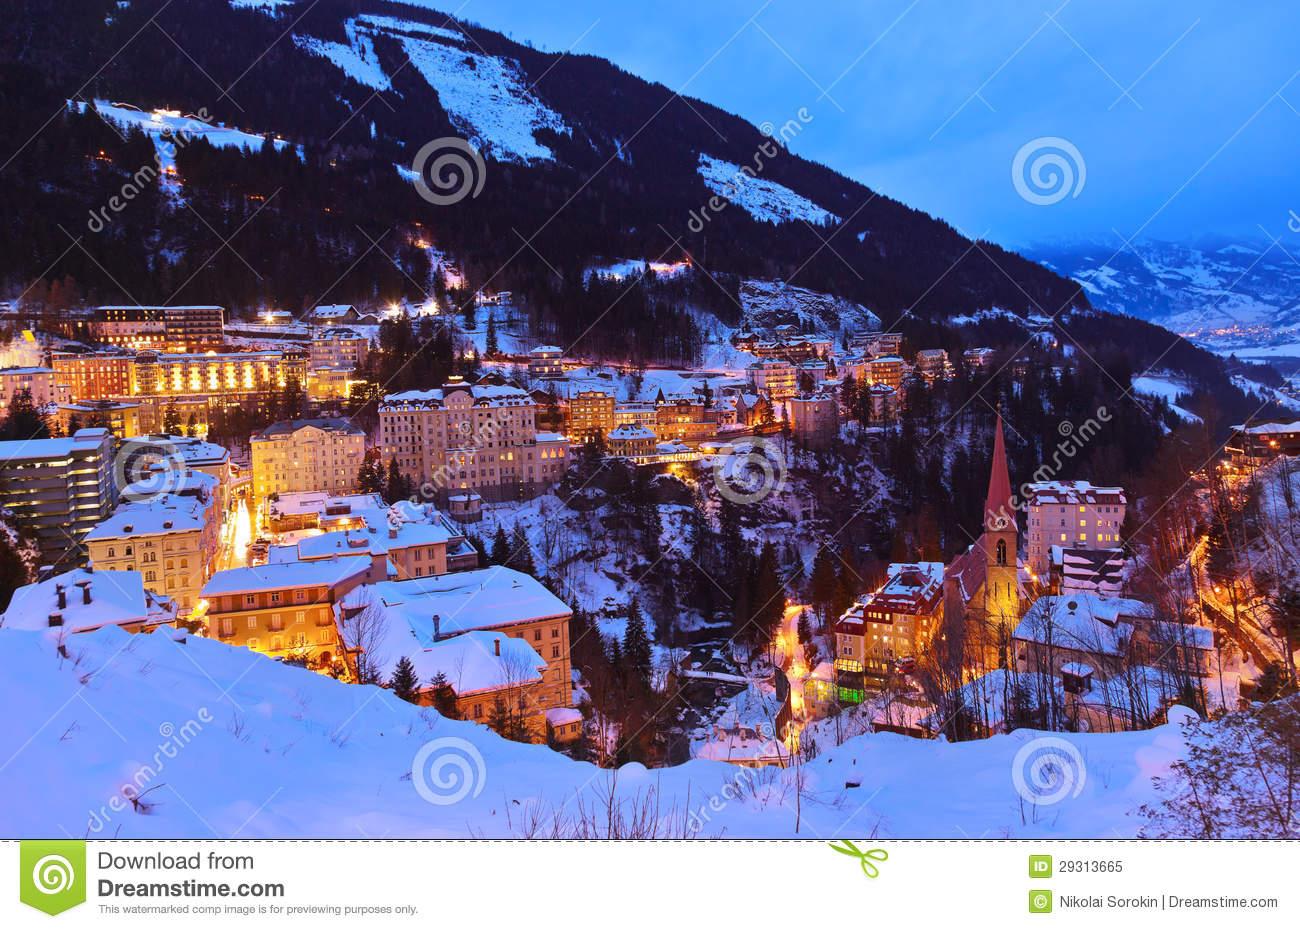 Mountains Ski Resort Bad Gastein Austria Royalty Free Stock Photo.